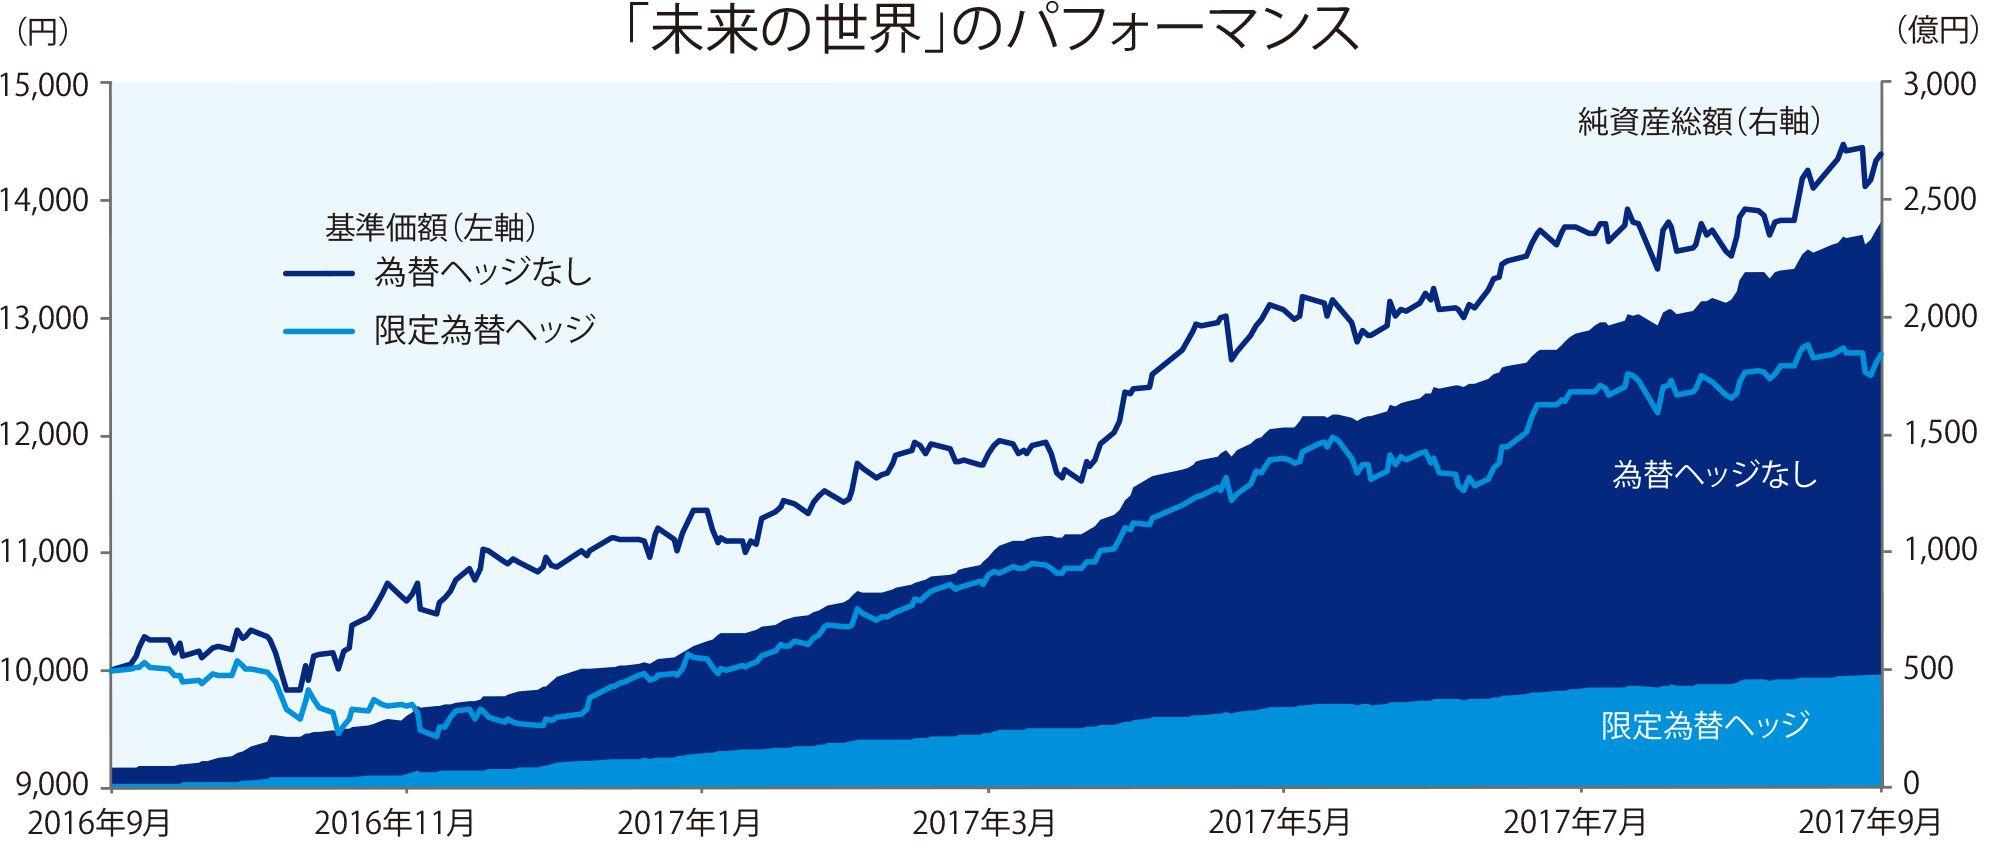 証券 の みずほ 世界 未来